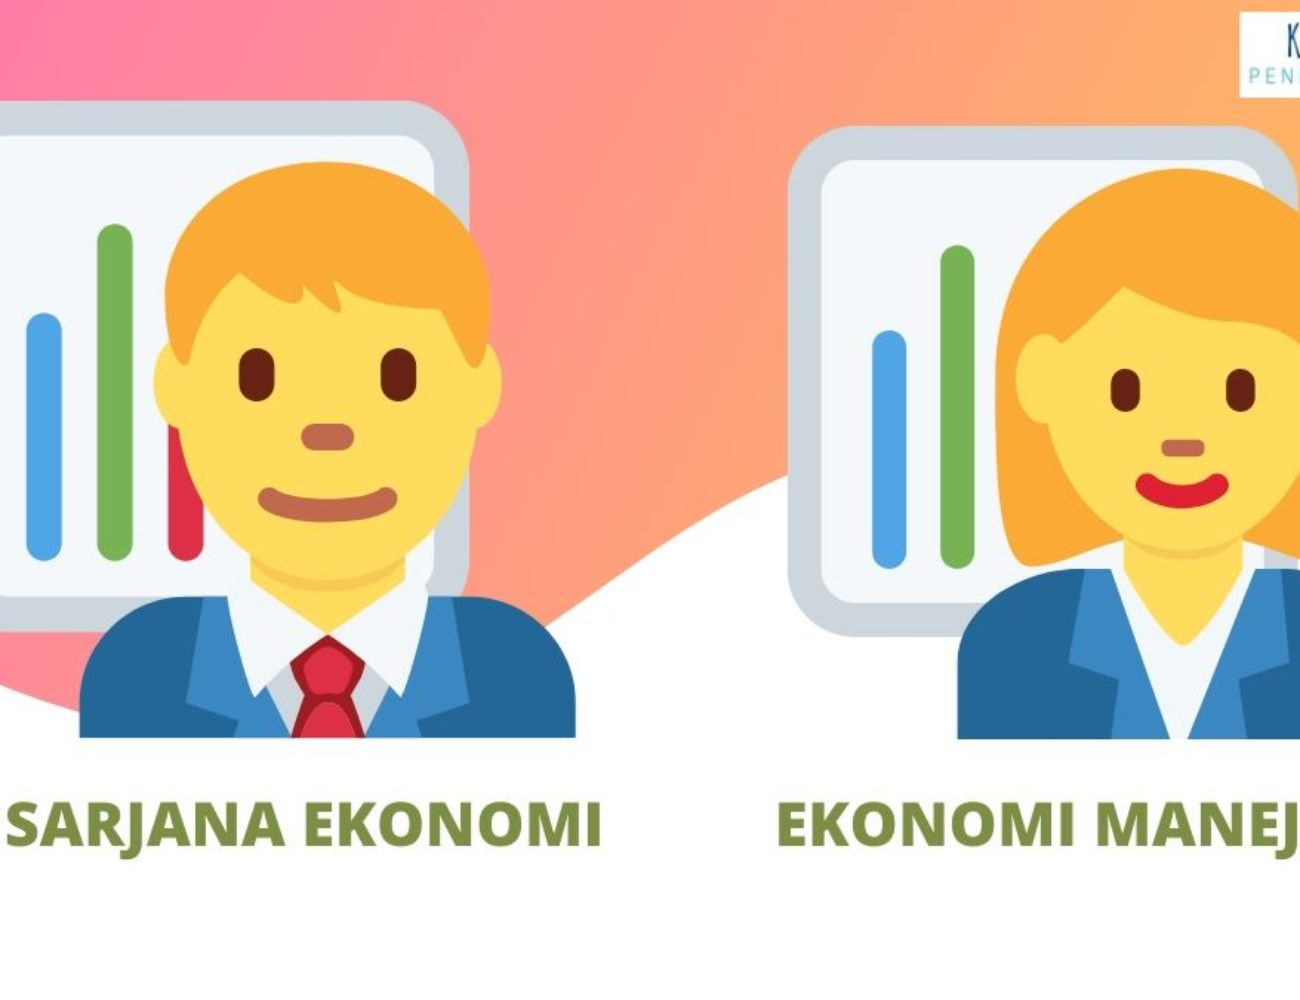 perbedaan sarjana ekonomi dan manajemen